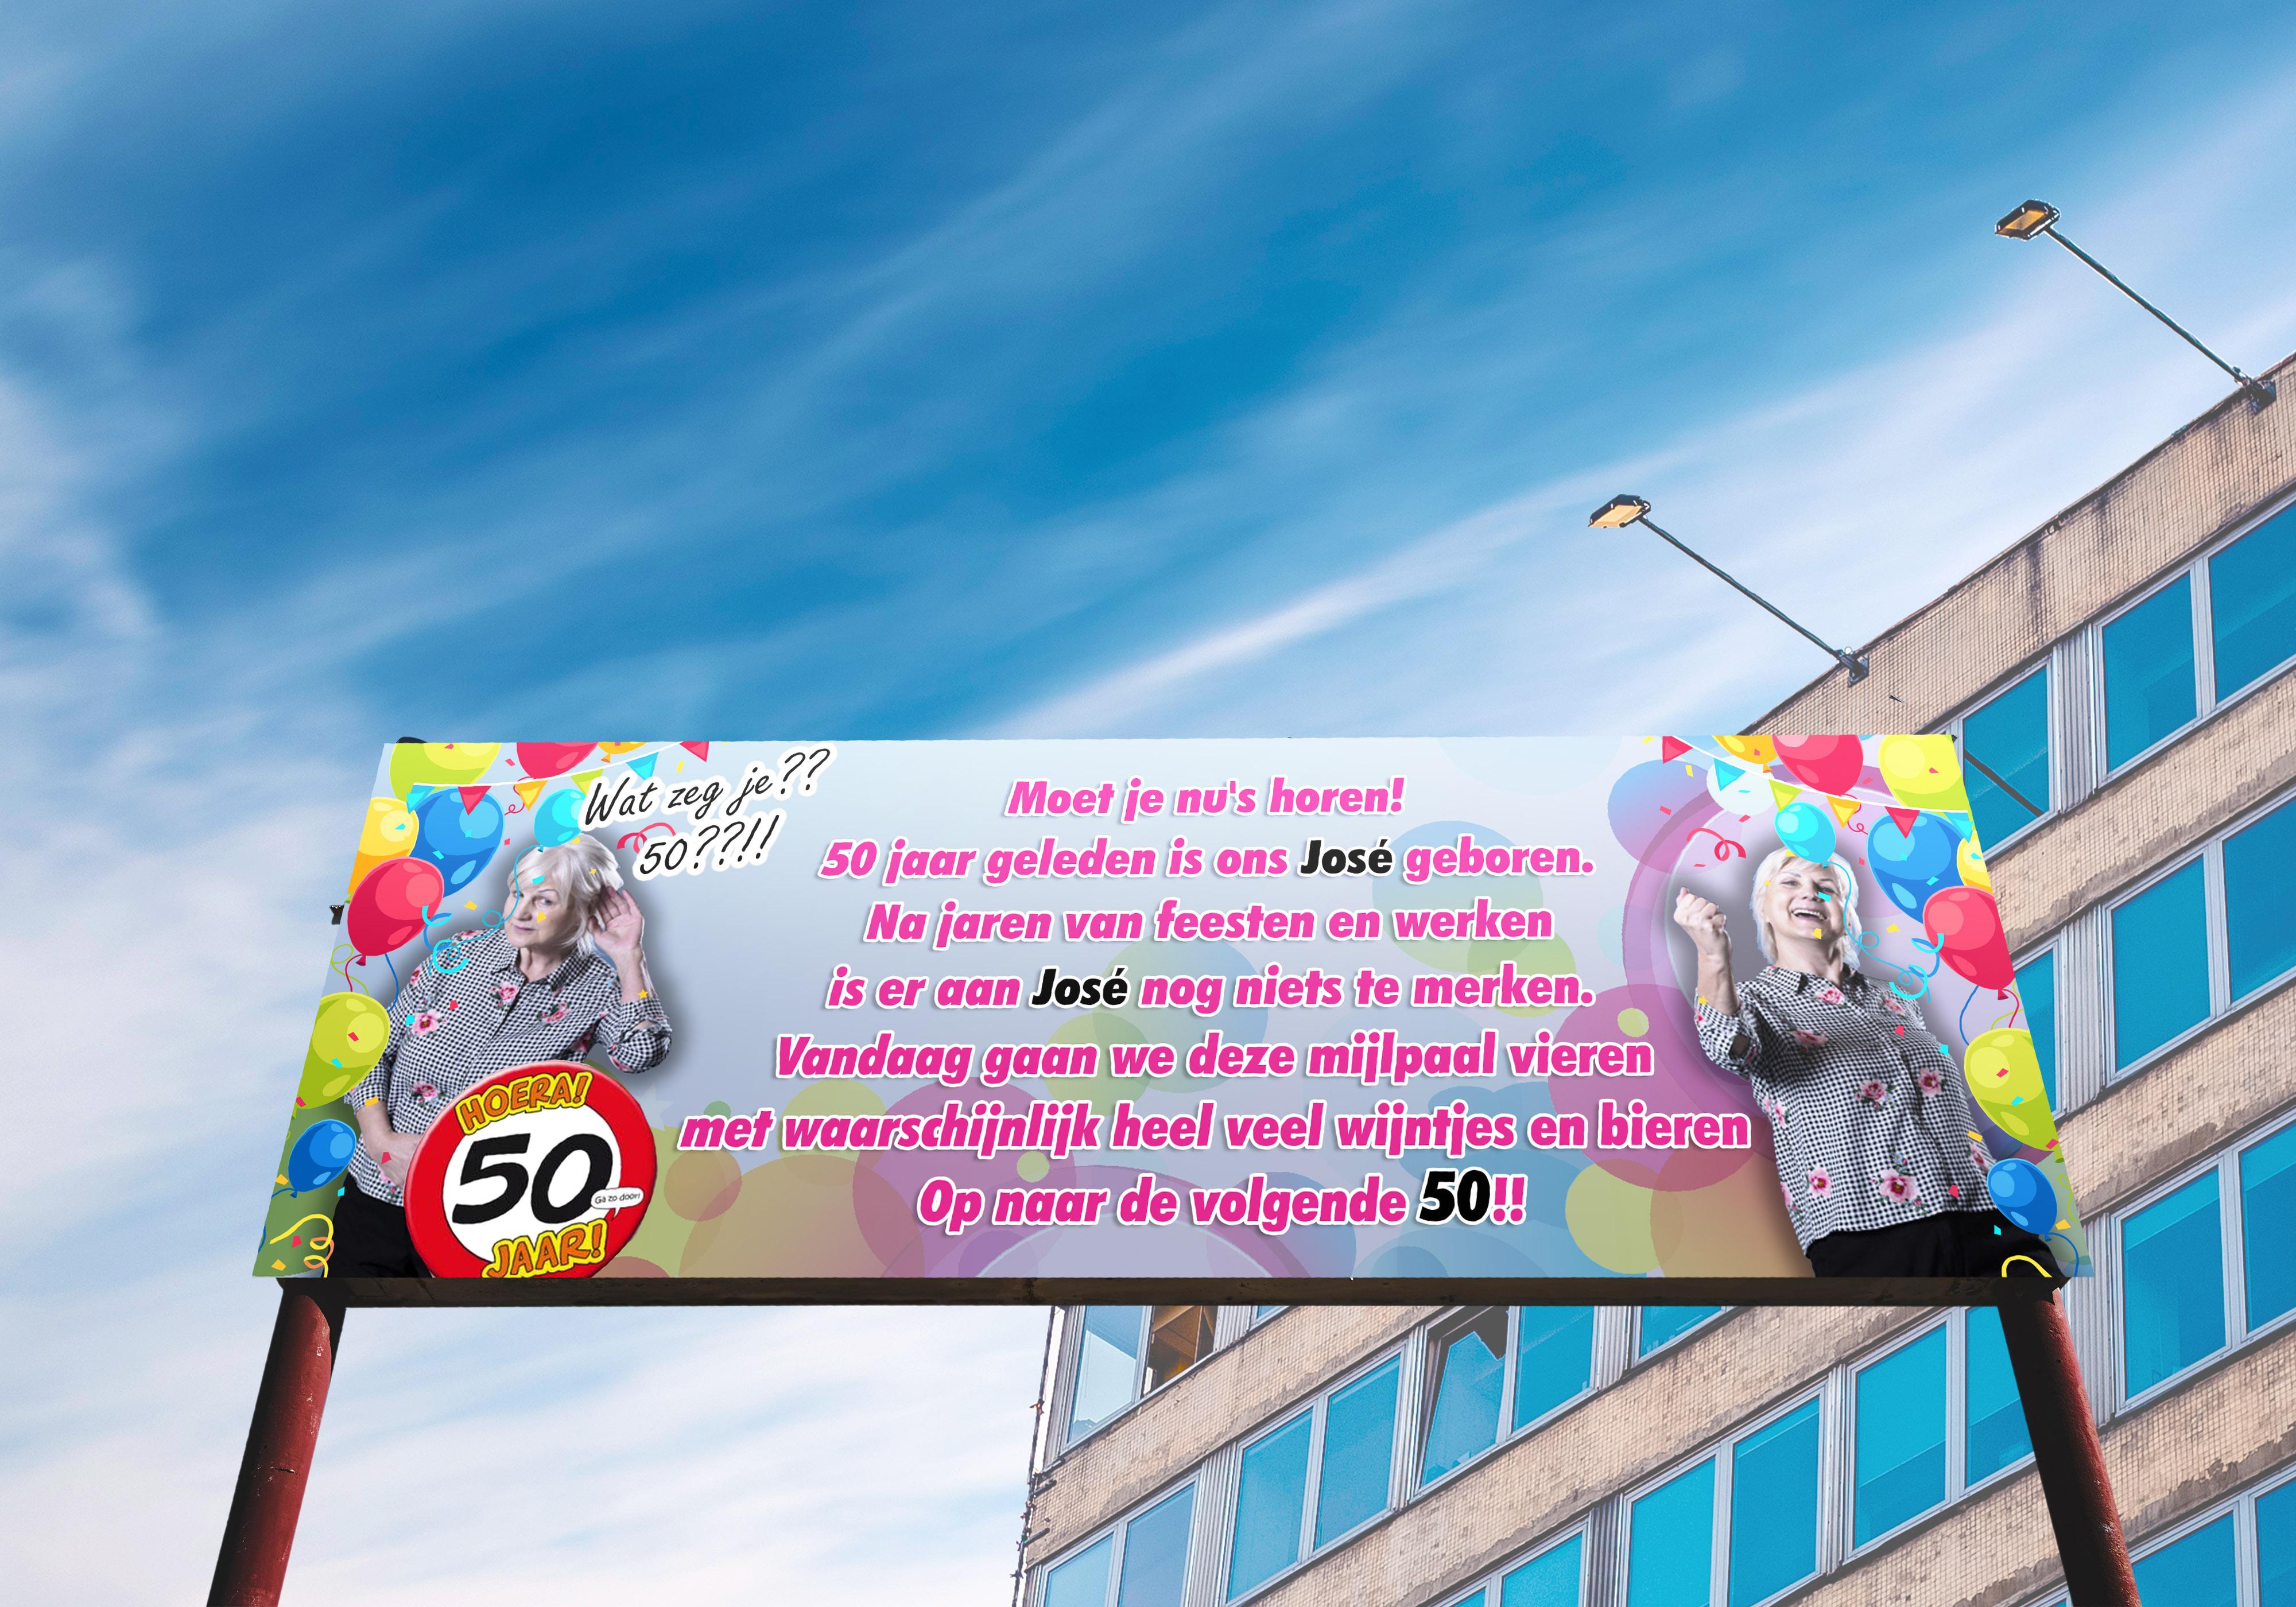 spandoek spreuken Persoonlijk Abraham of Sarah spandoek? | Spandoekabraham.nl spandoek spreuken